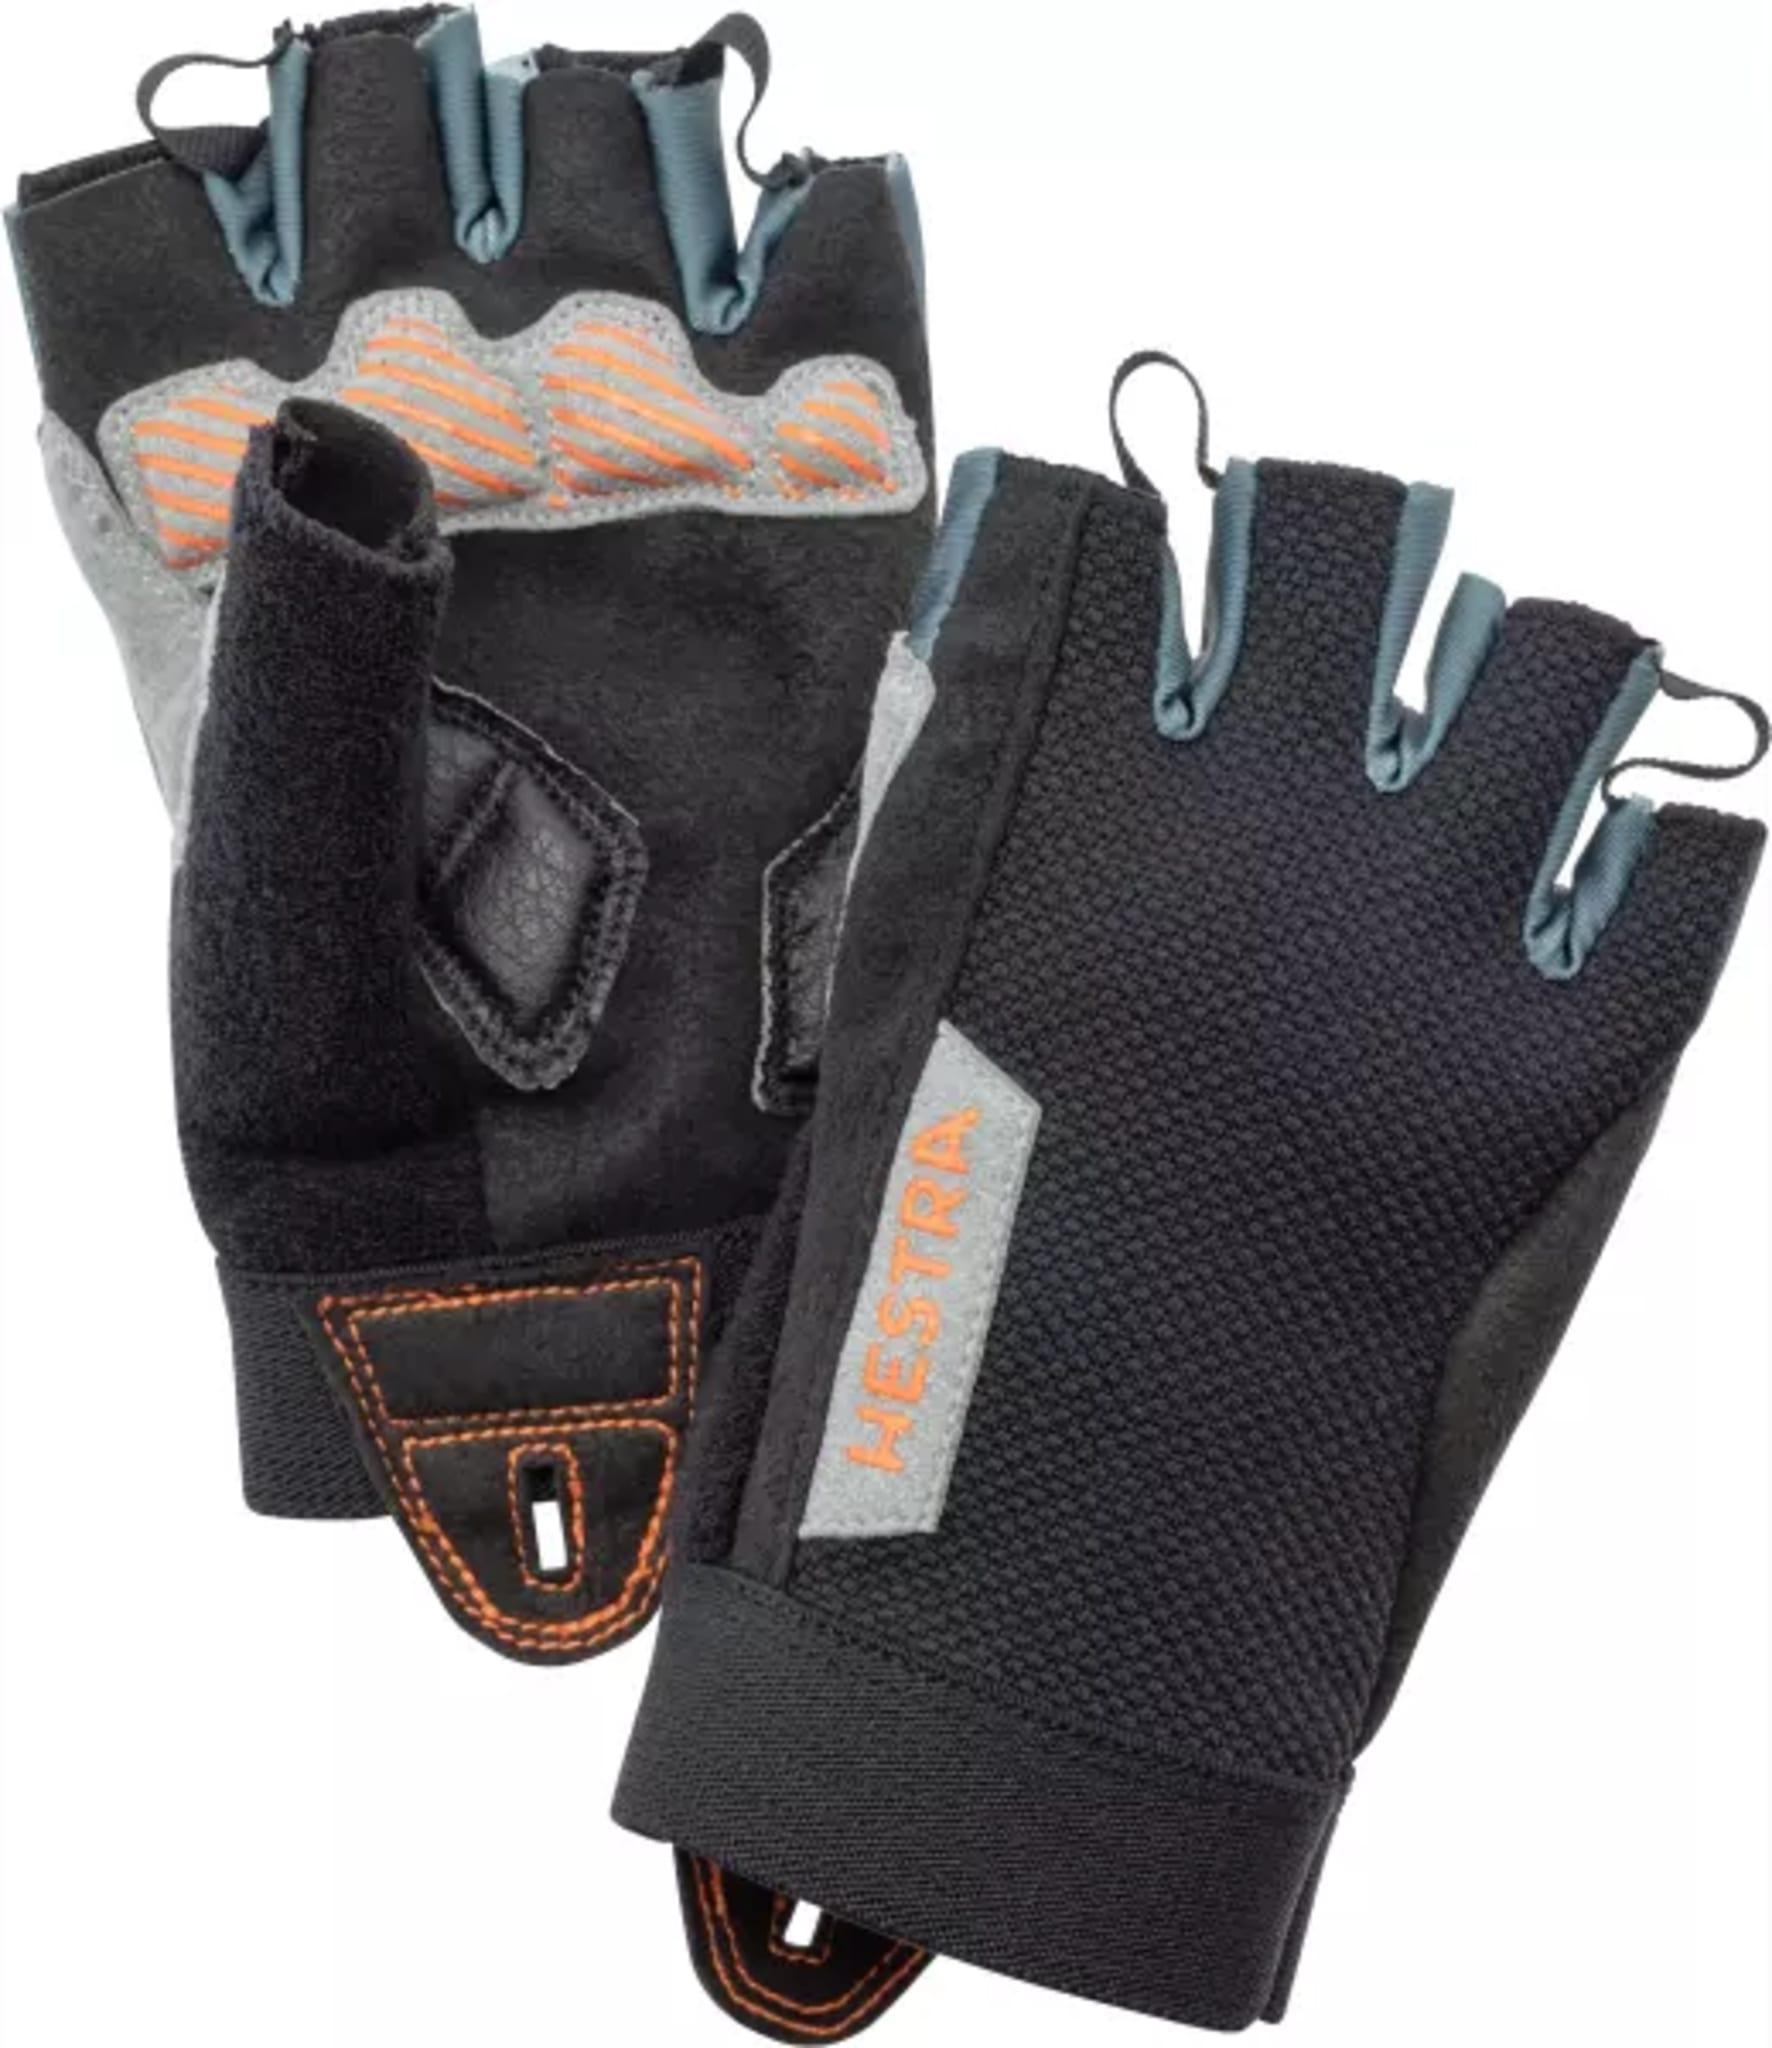 Sykkelhansker med Tacky Grip og Gel padding på håndflaten for godt grep og støtdemping